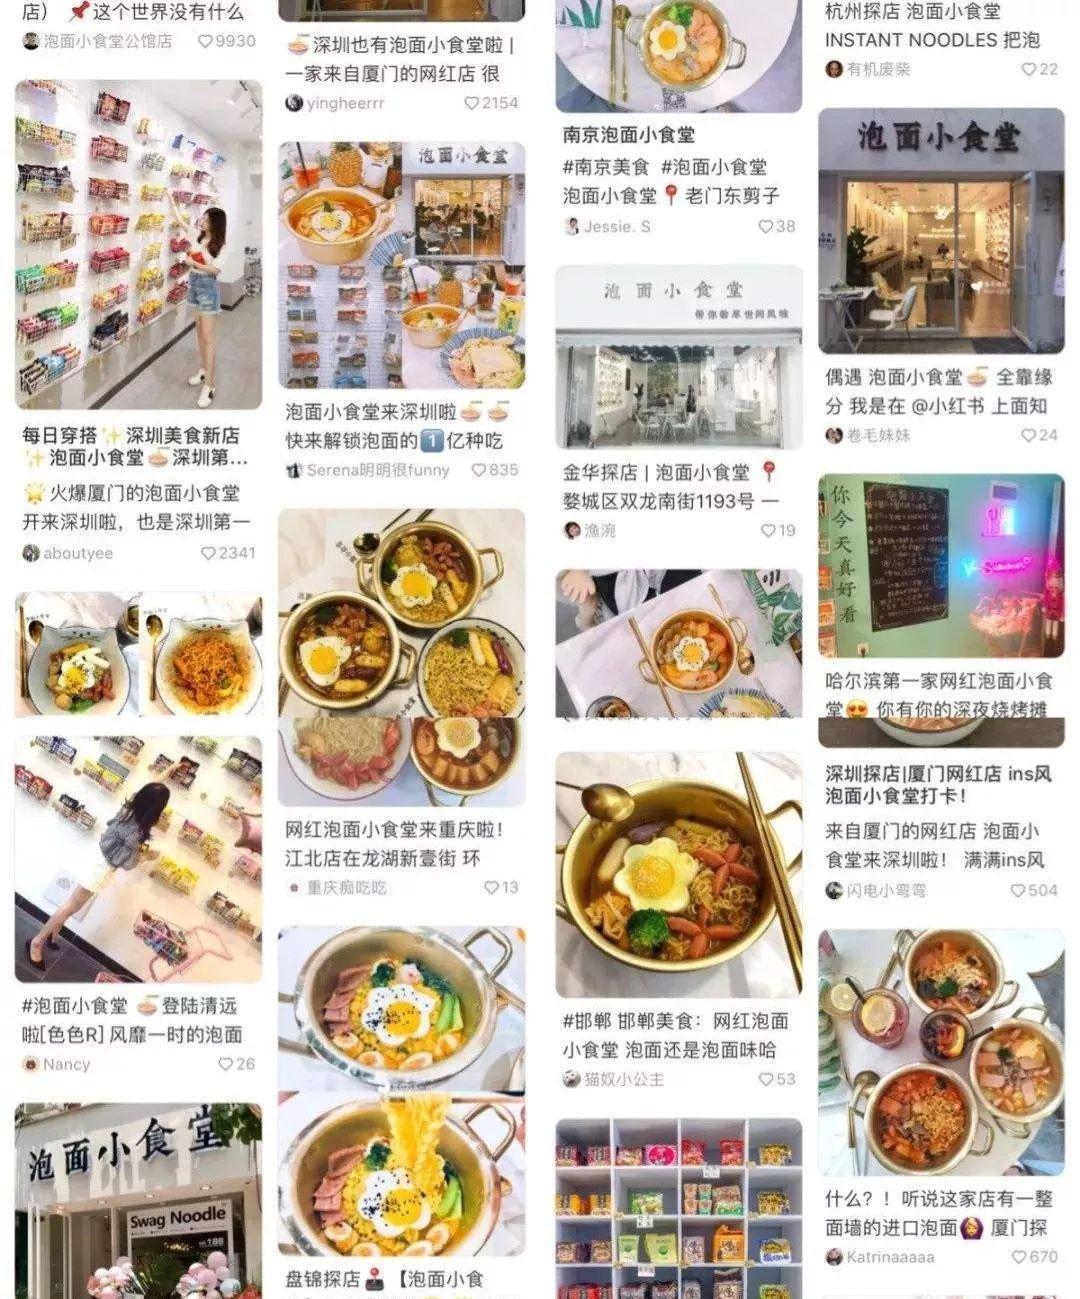 就连在微博抖音小红书上,铺天盖地的,全都是安利泡面小食堂的文案.图片